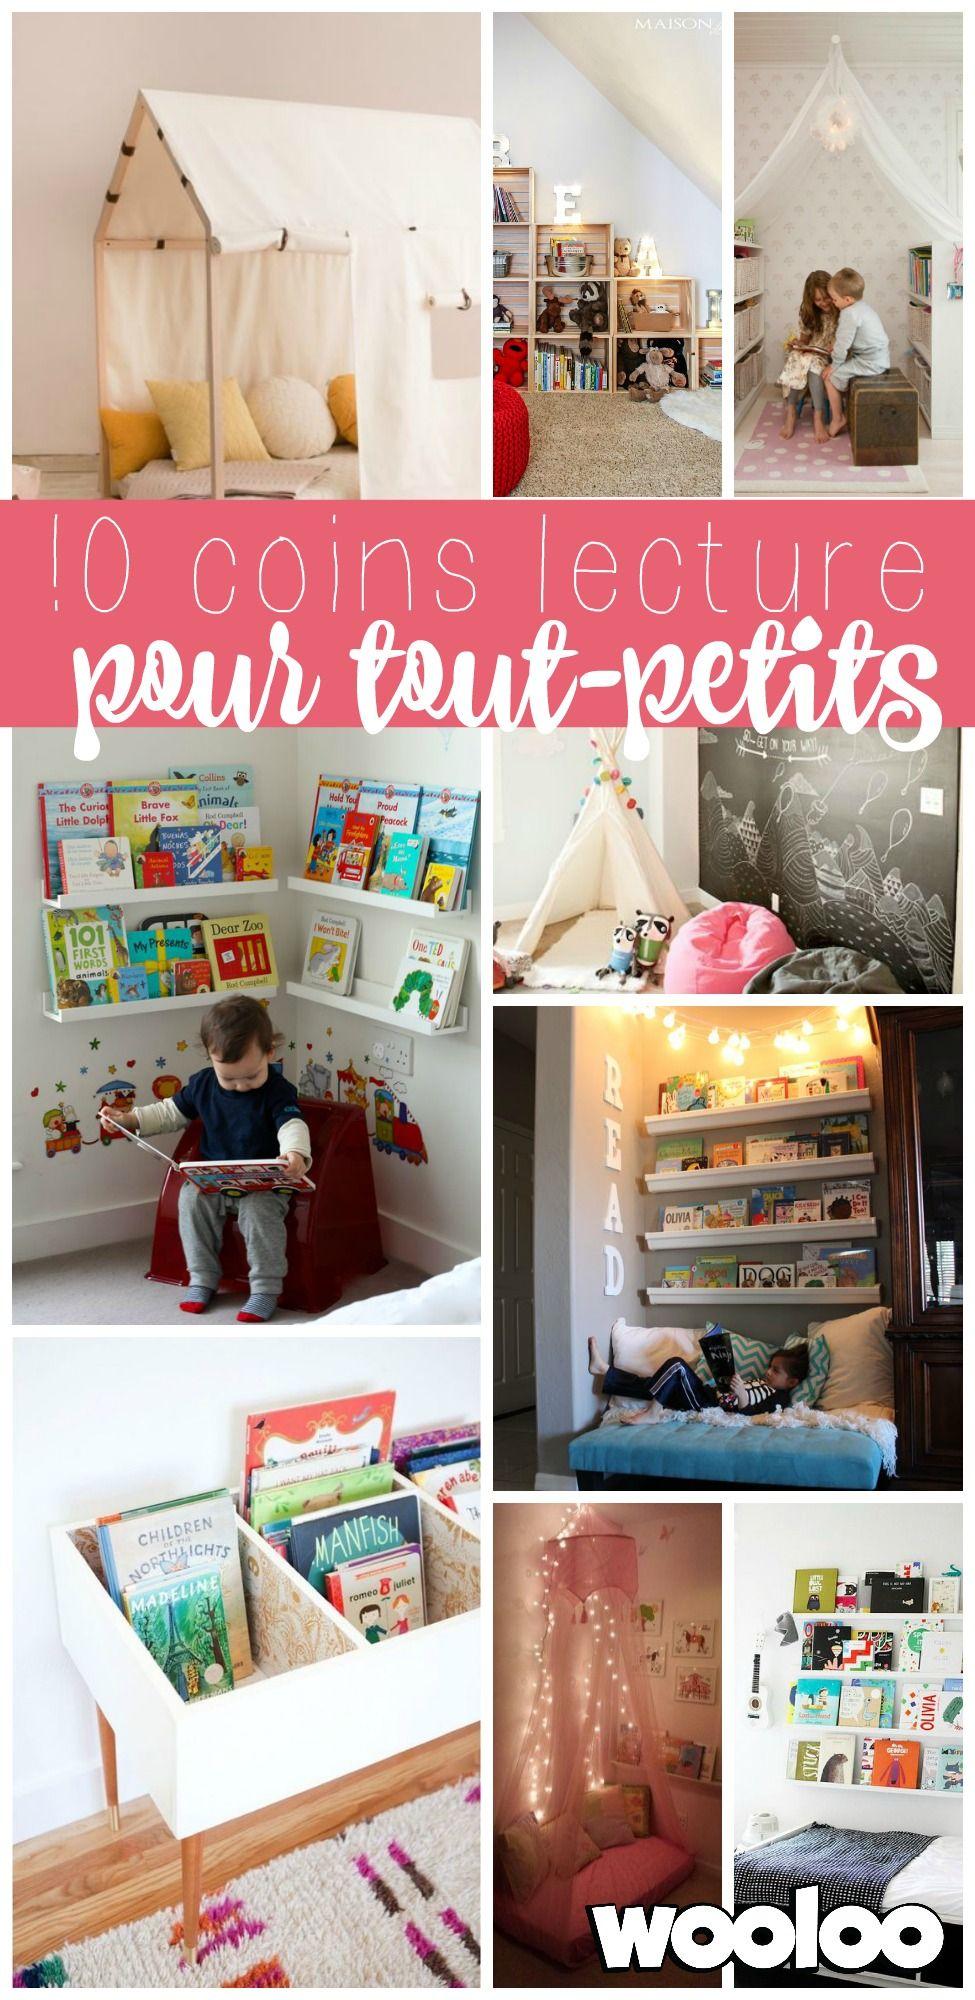 Voici 10 coins lecture adaptés pour les tout-petits. De belles idées pour inspirer les enfants et les motiver à lire plus souvent!